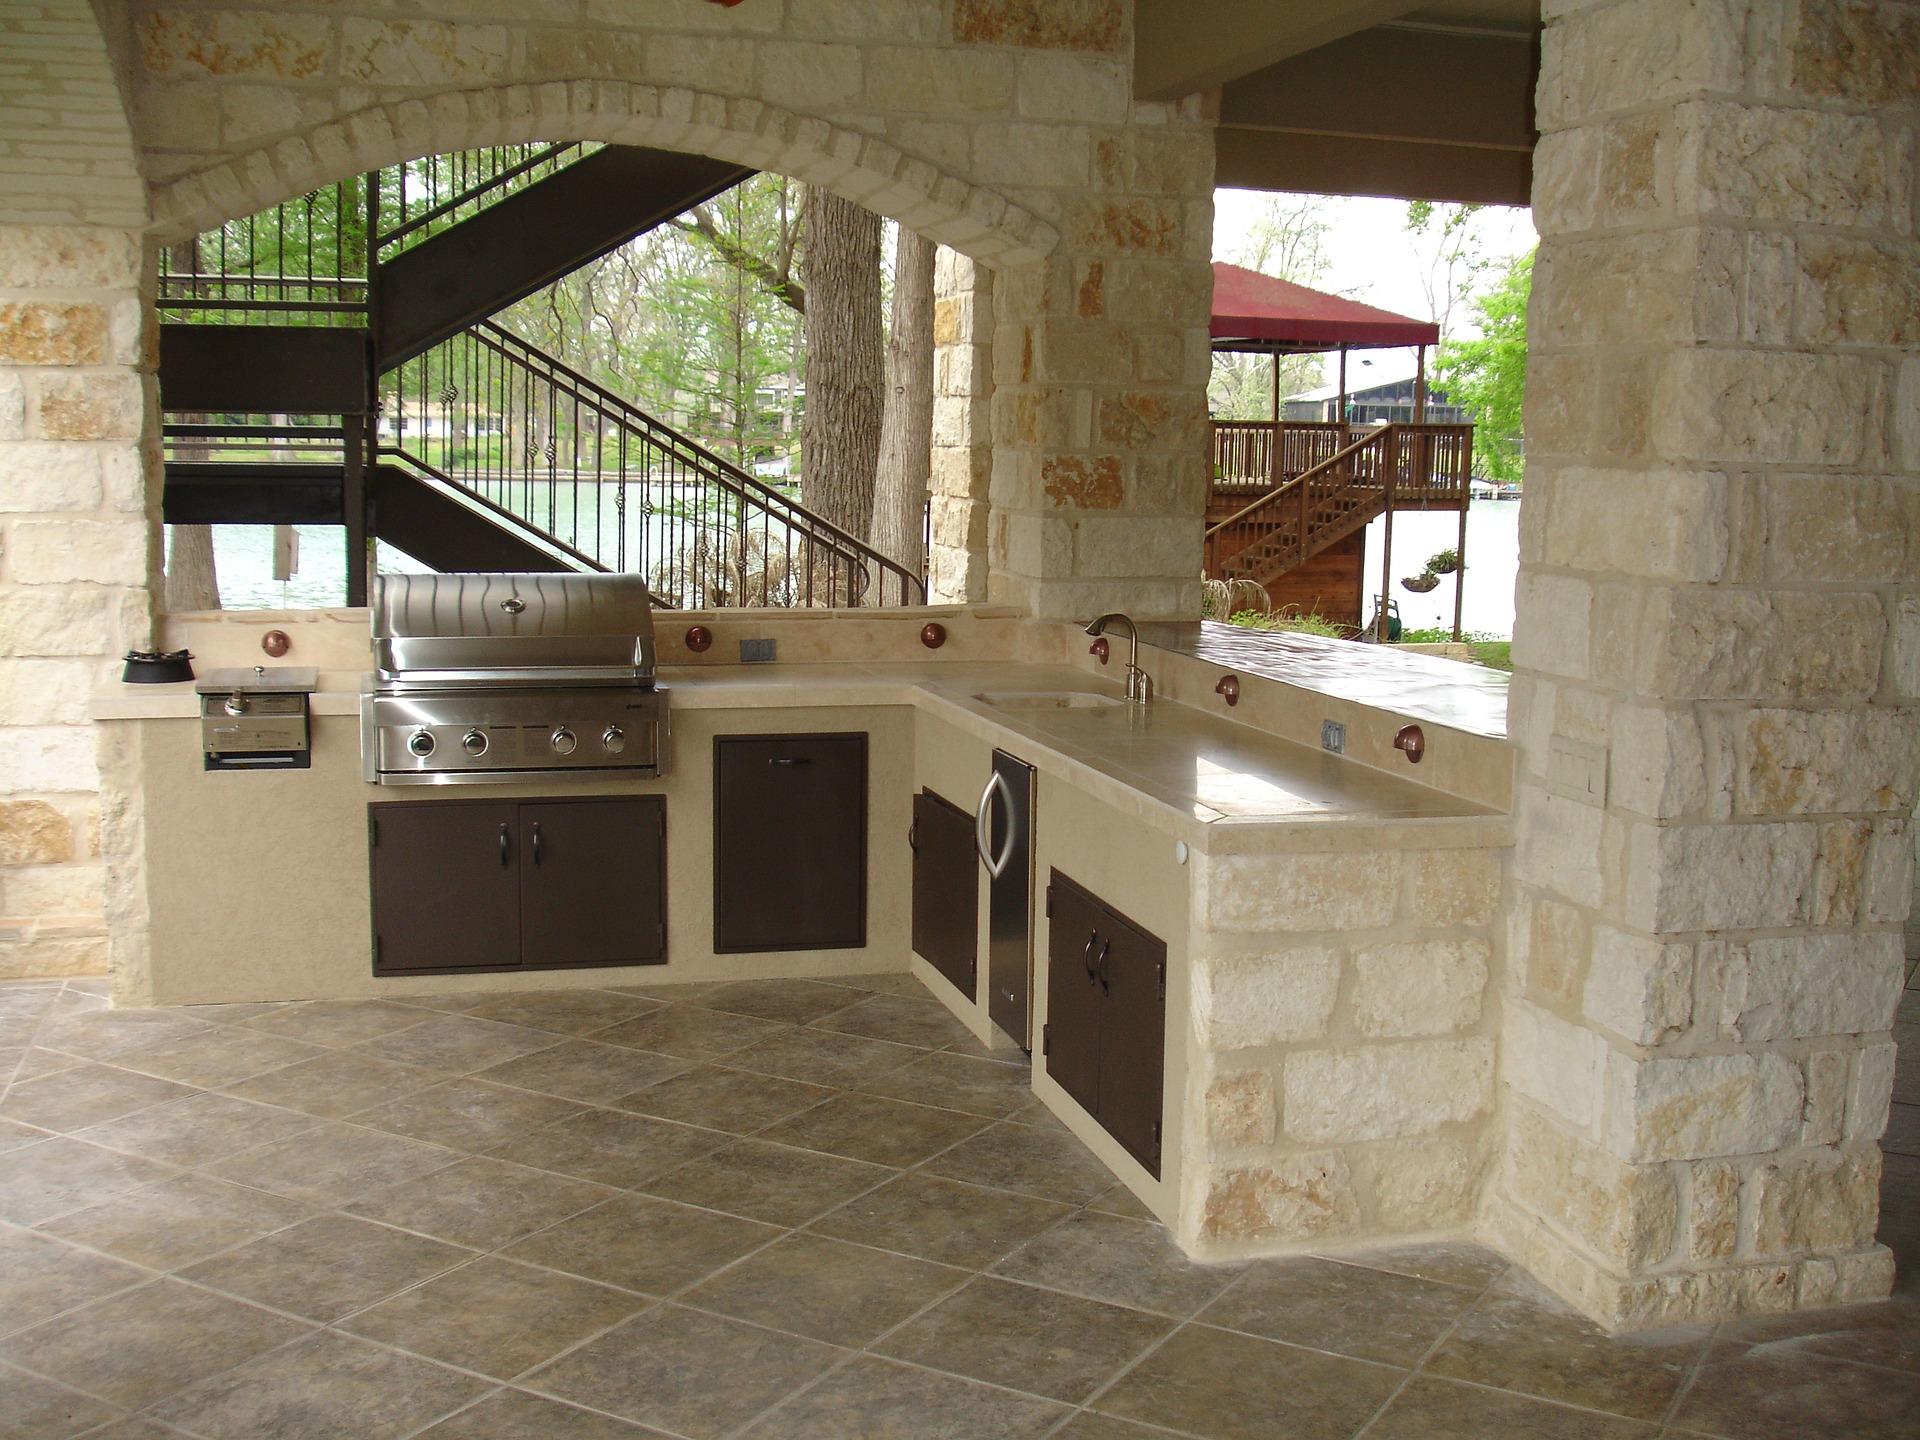 Une cuisine d'extérieur en pierre